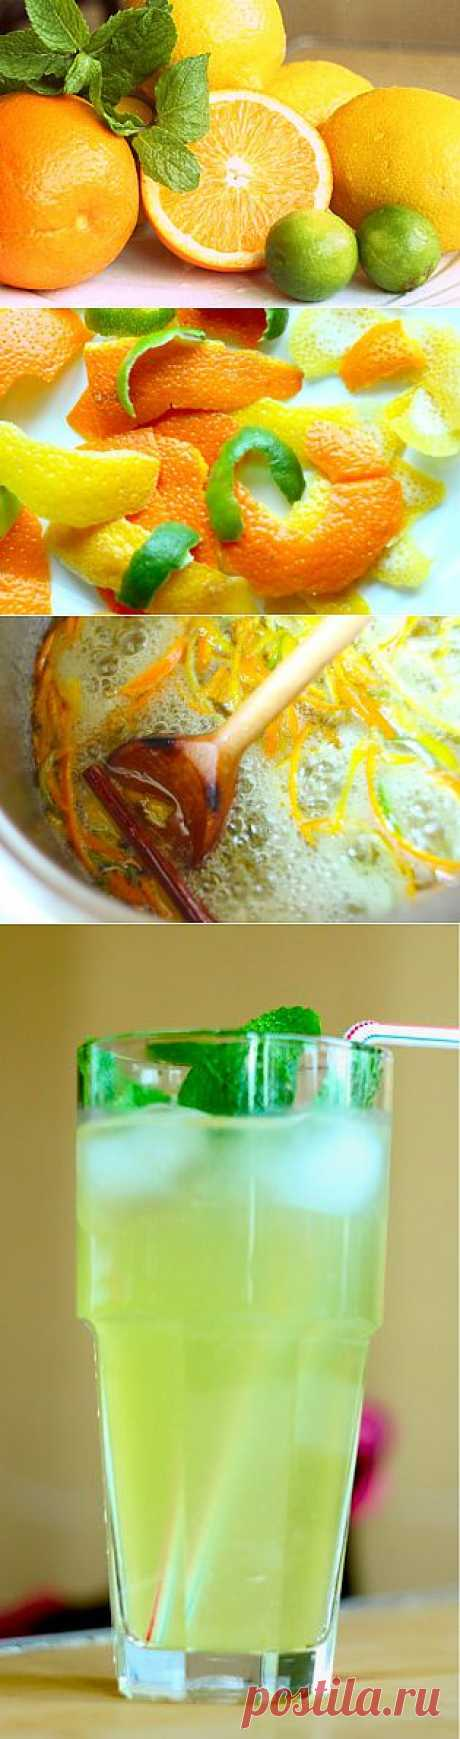 Рецепты: бабушкин лимонад | Лайфхакер